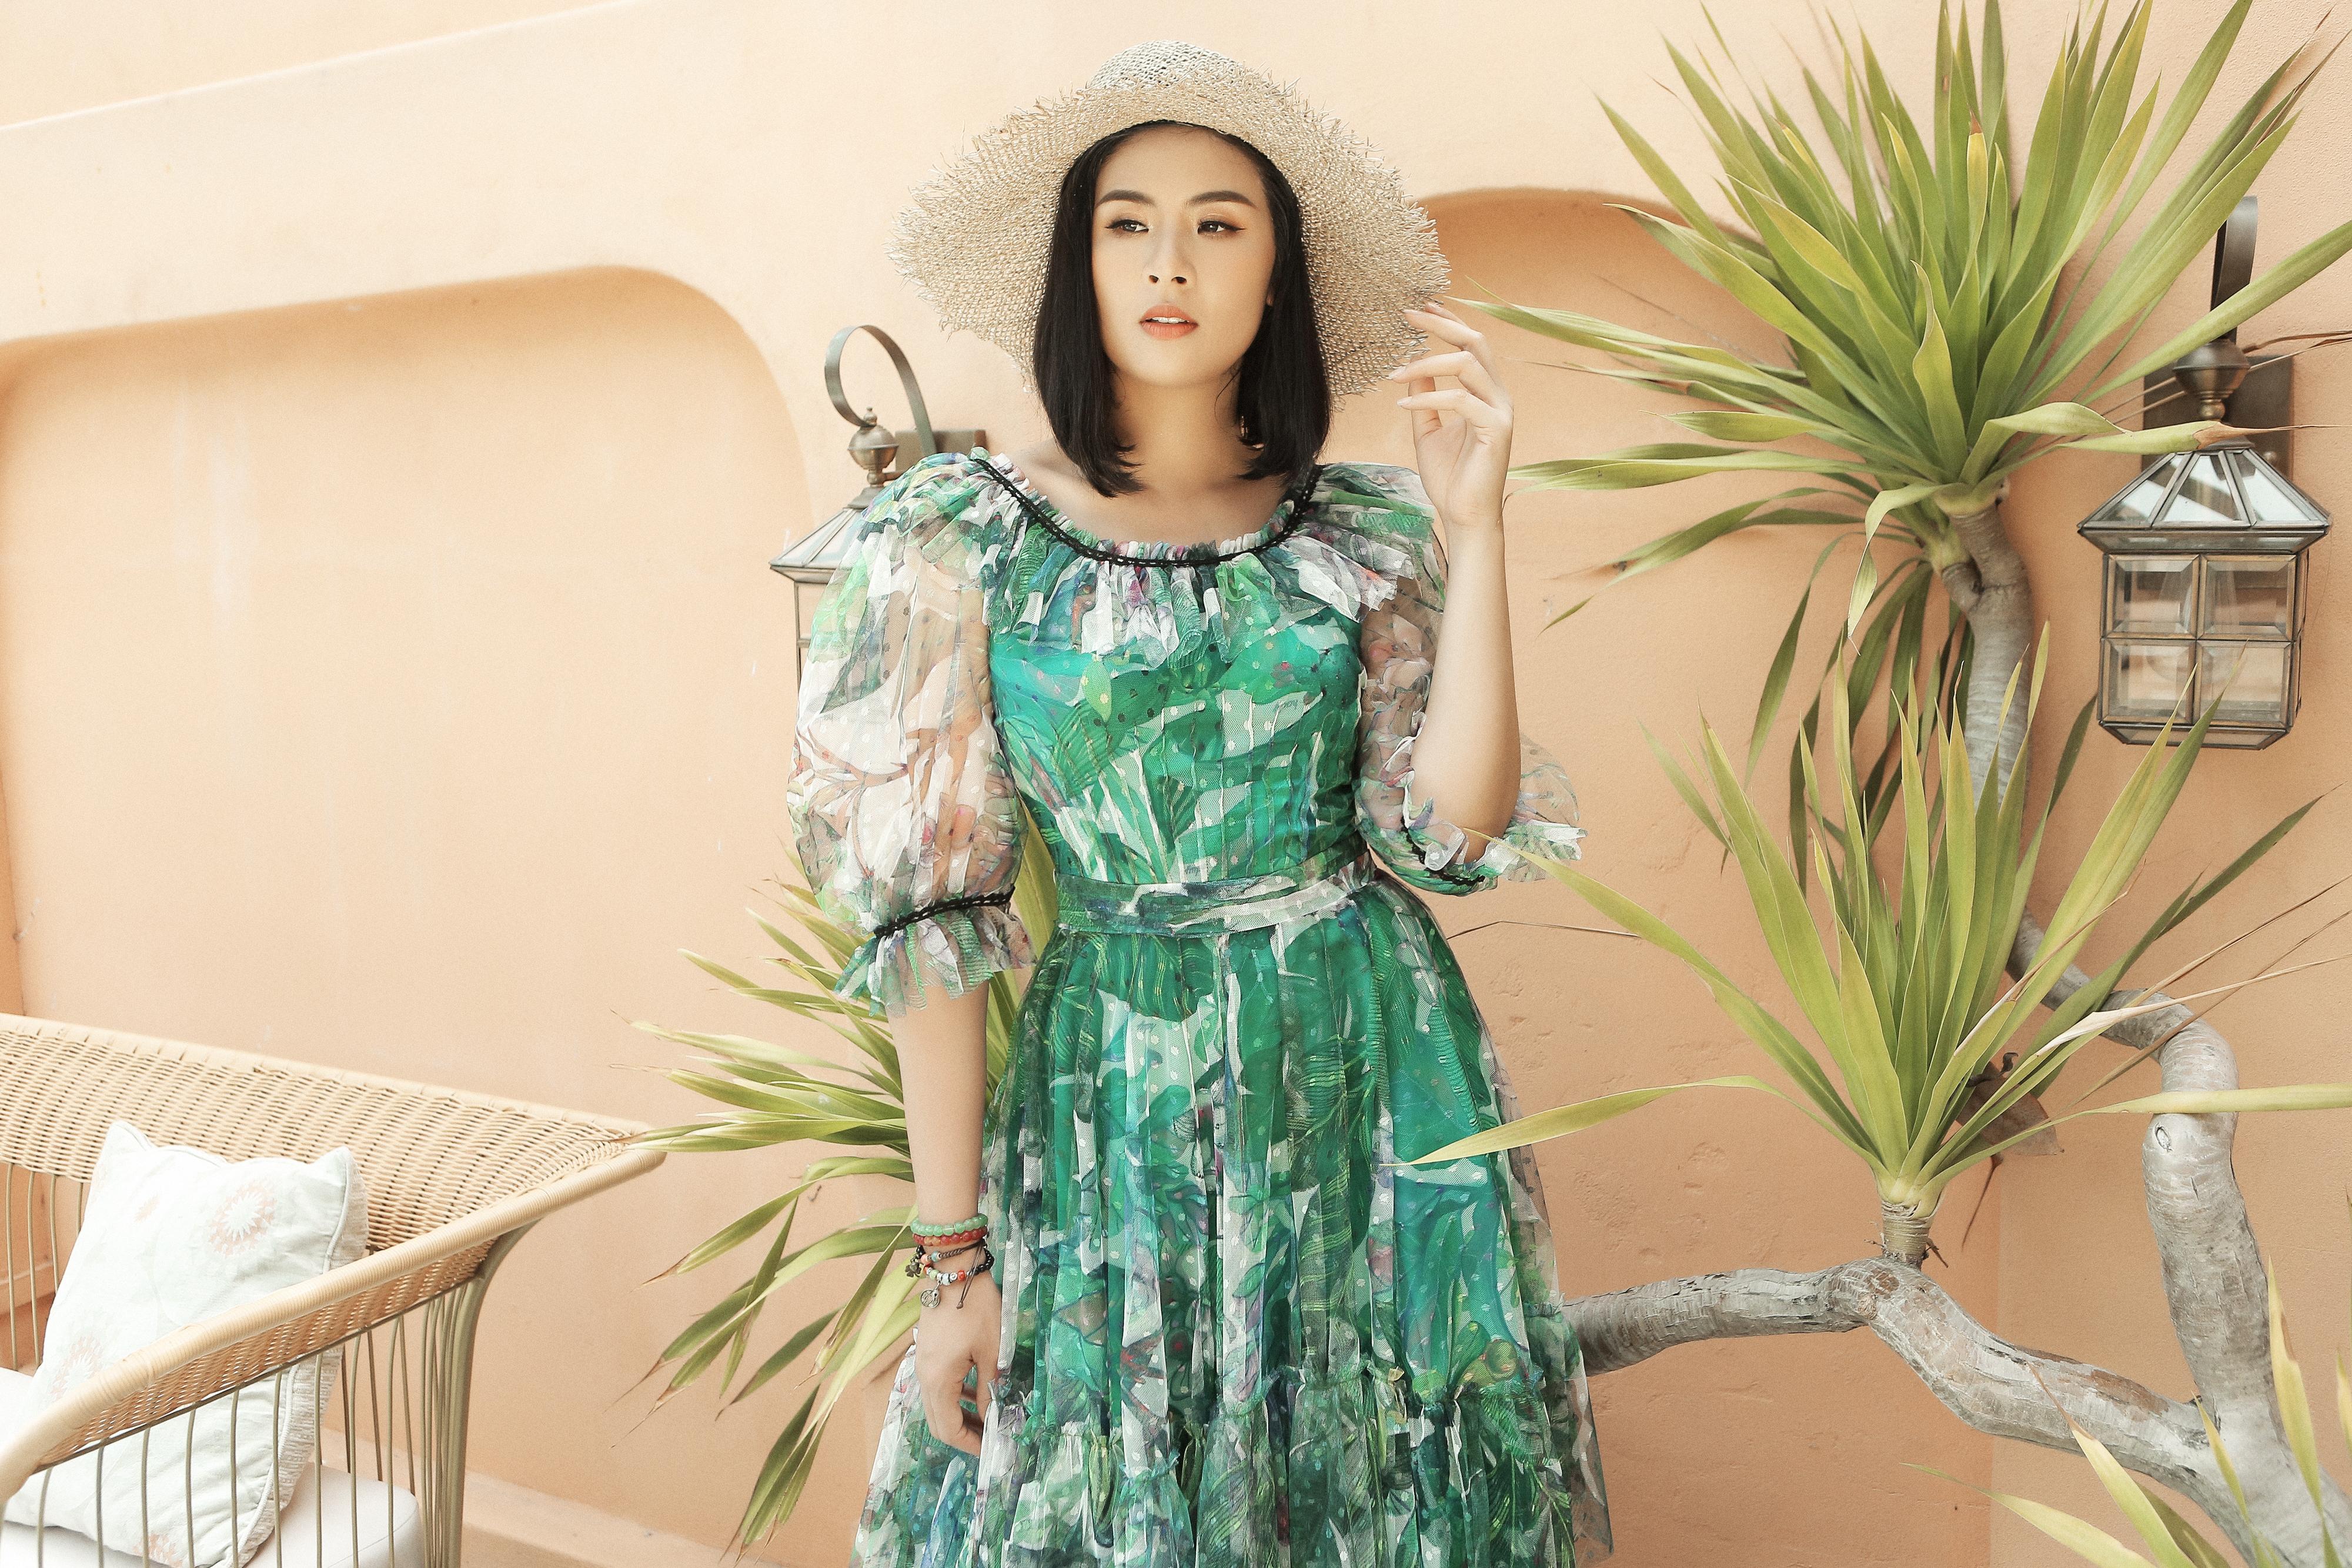 HH Ngọc Hân đẹp mơ màng trong loạt váy hoạ tiết nhiệt đới làm dịu mát mùa Hè của NTK Hà Duy  - Ảnh 4.